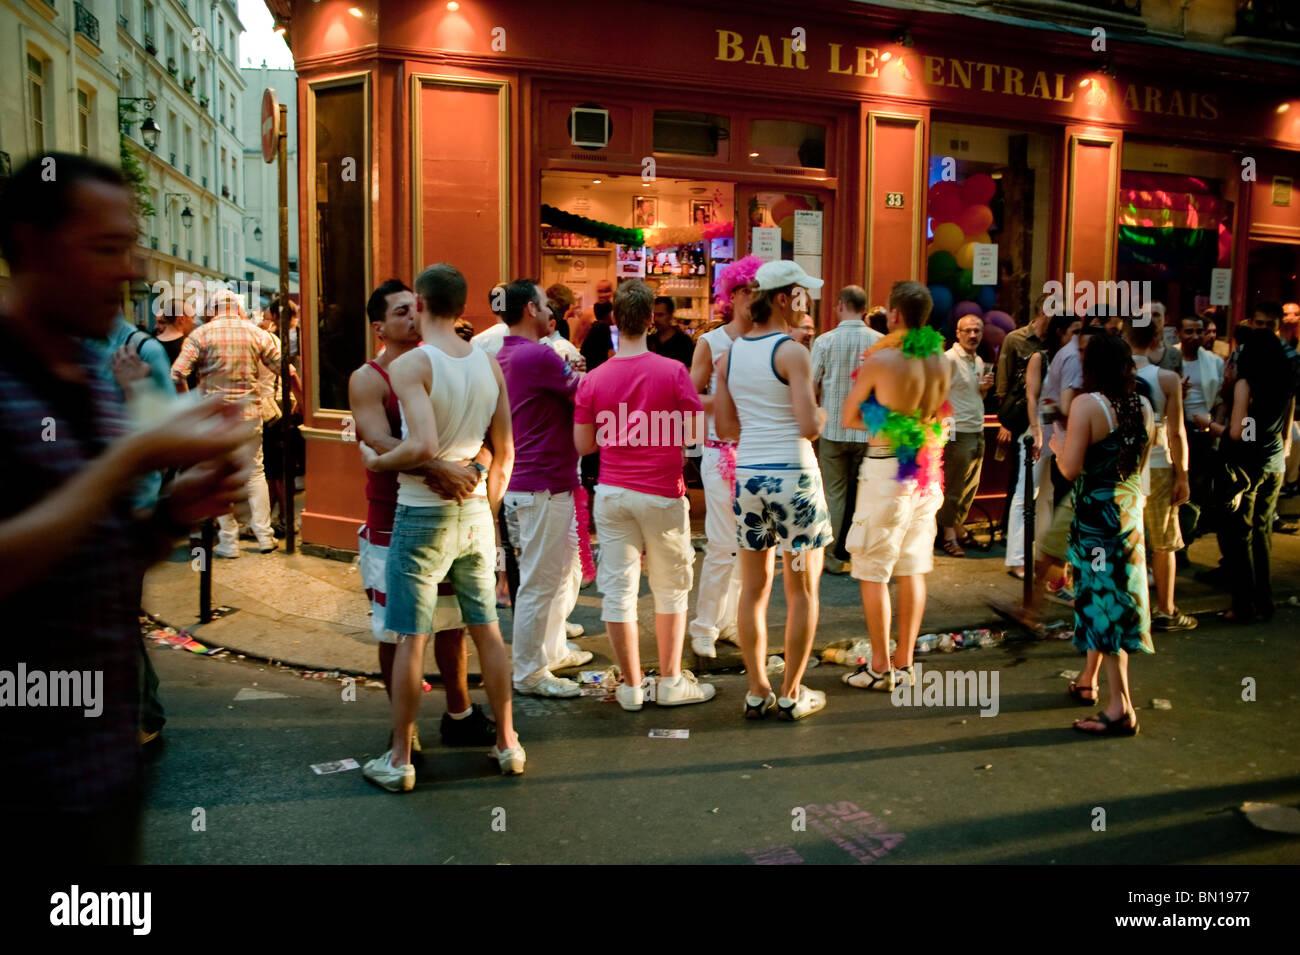 Abraxas France Gay Club In Surat